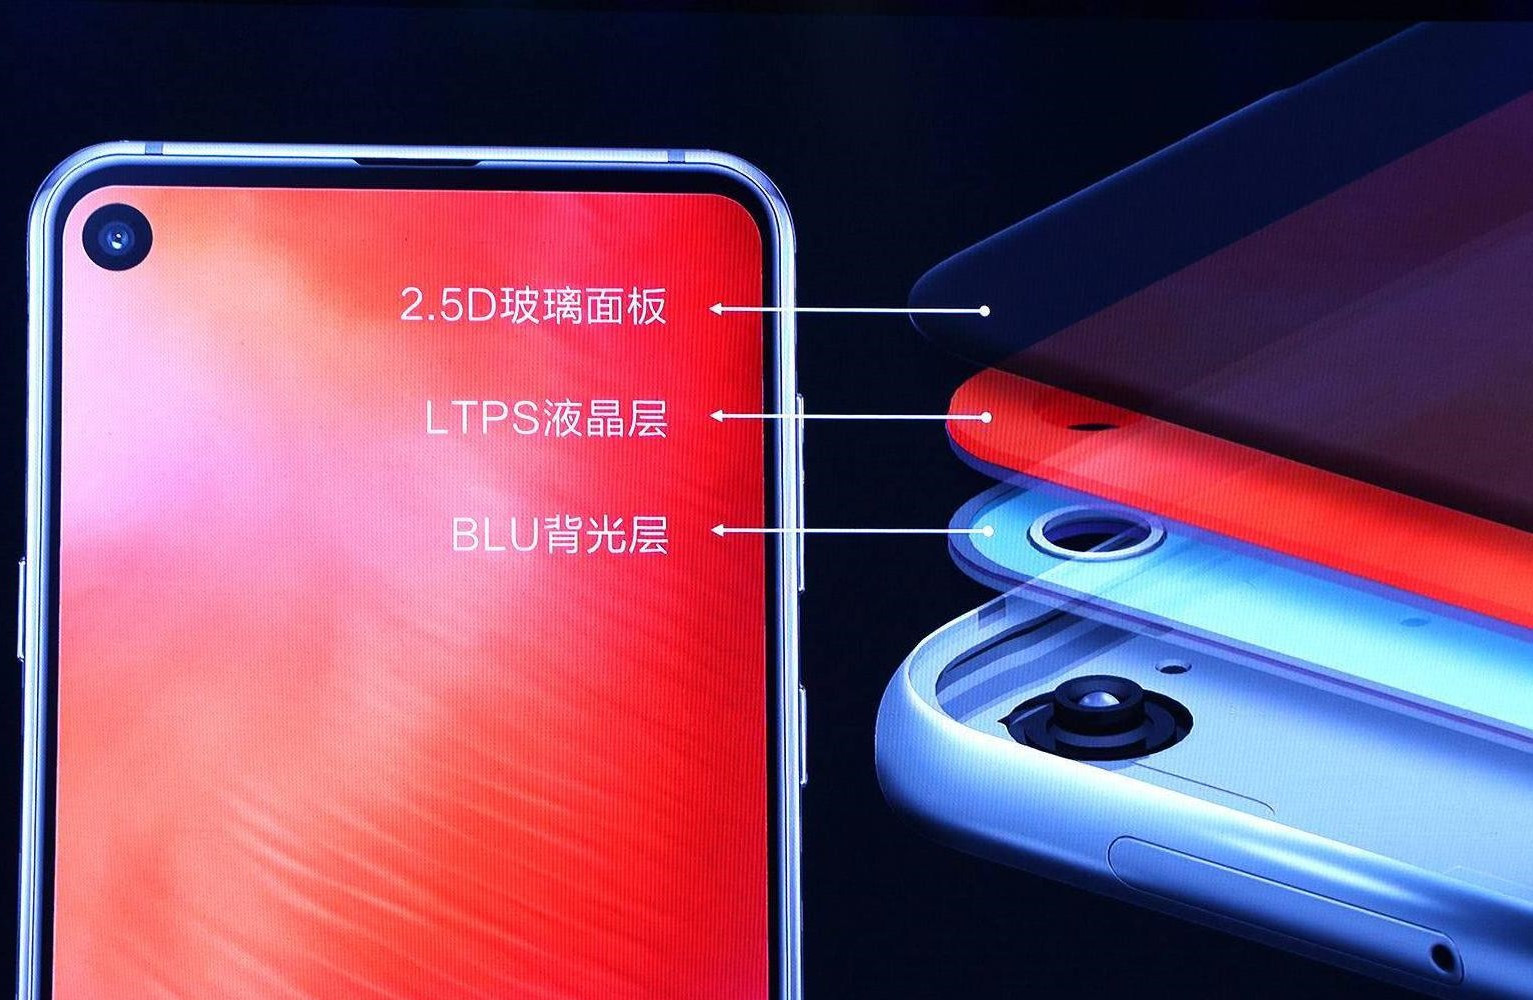 价格、性能碾压华为、荣耀 三星Galaxy A8s用实力称霸中端市场